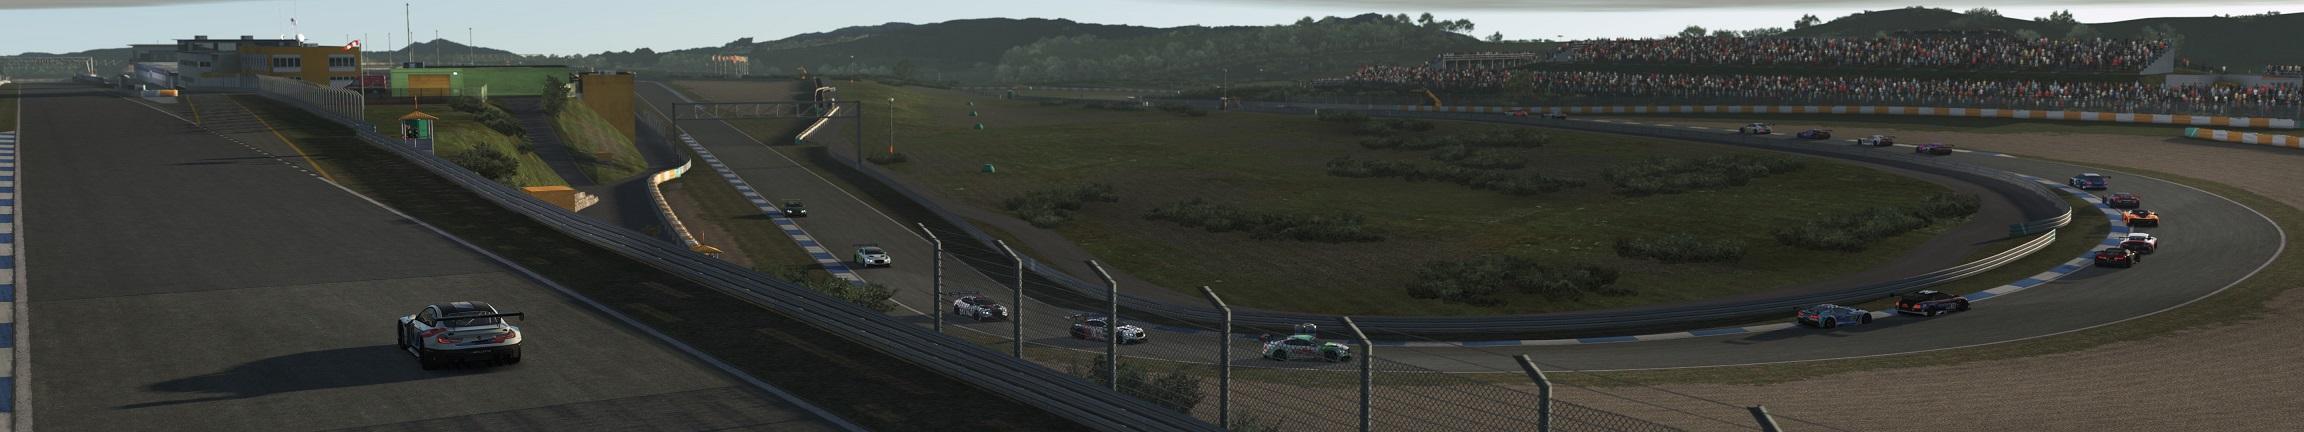 1 rF2 GT3 at PORTUGAL GT wide bmw copy.jpg